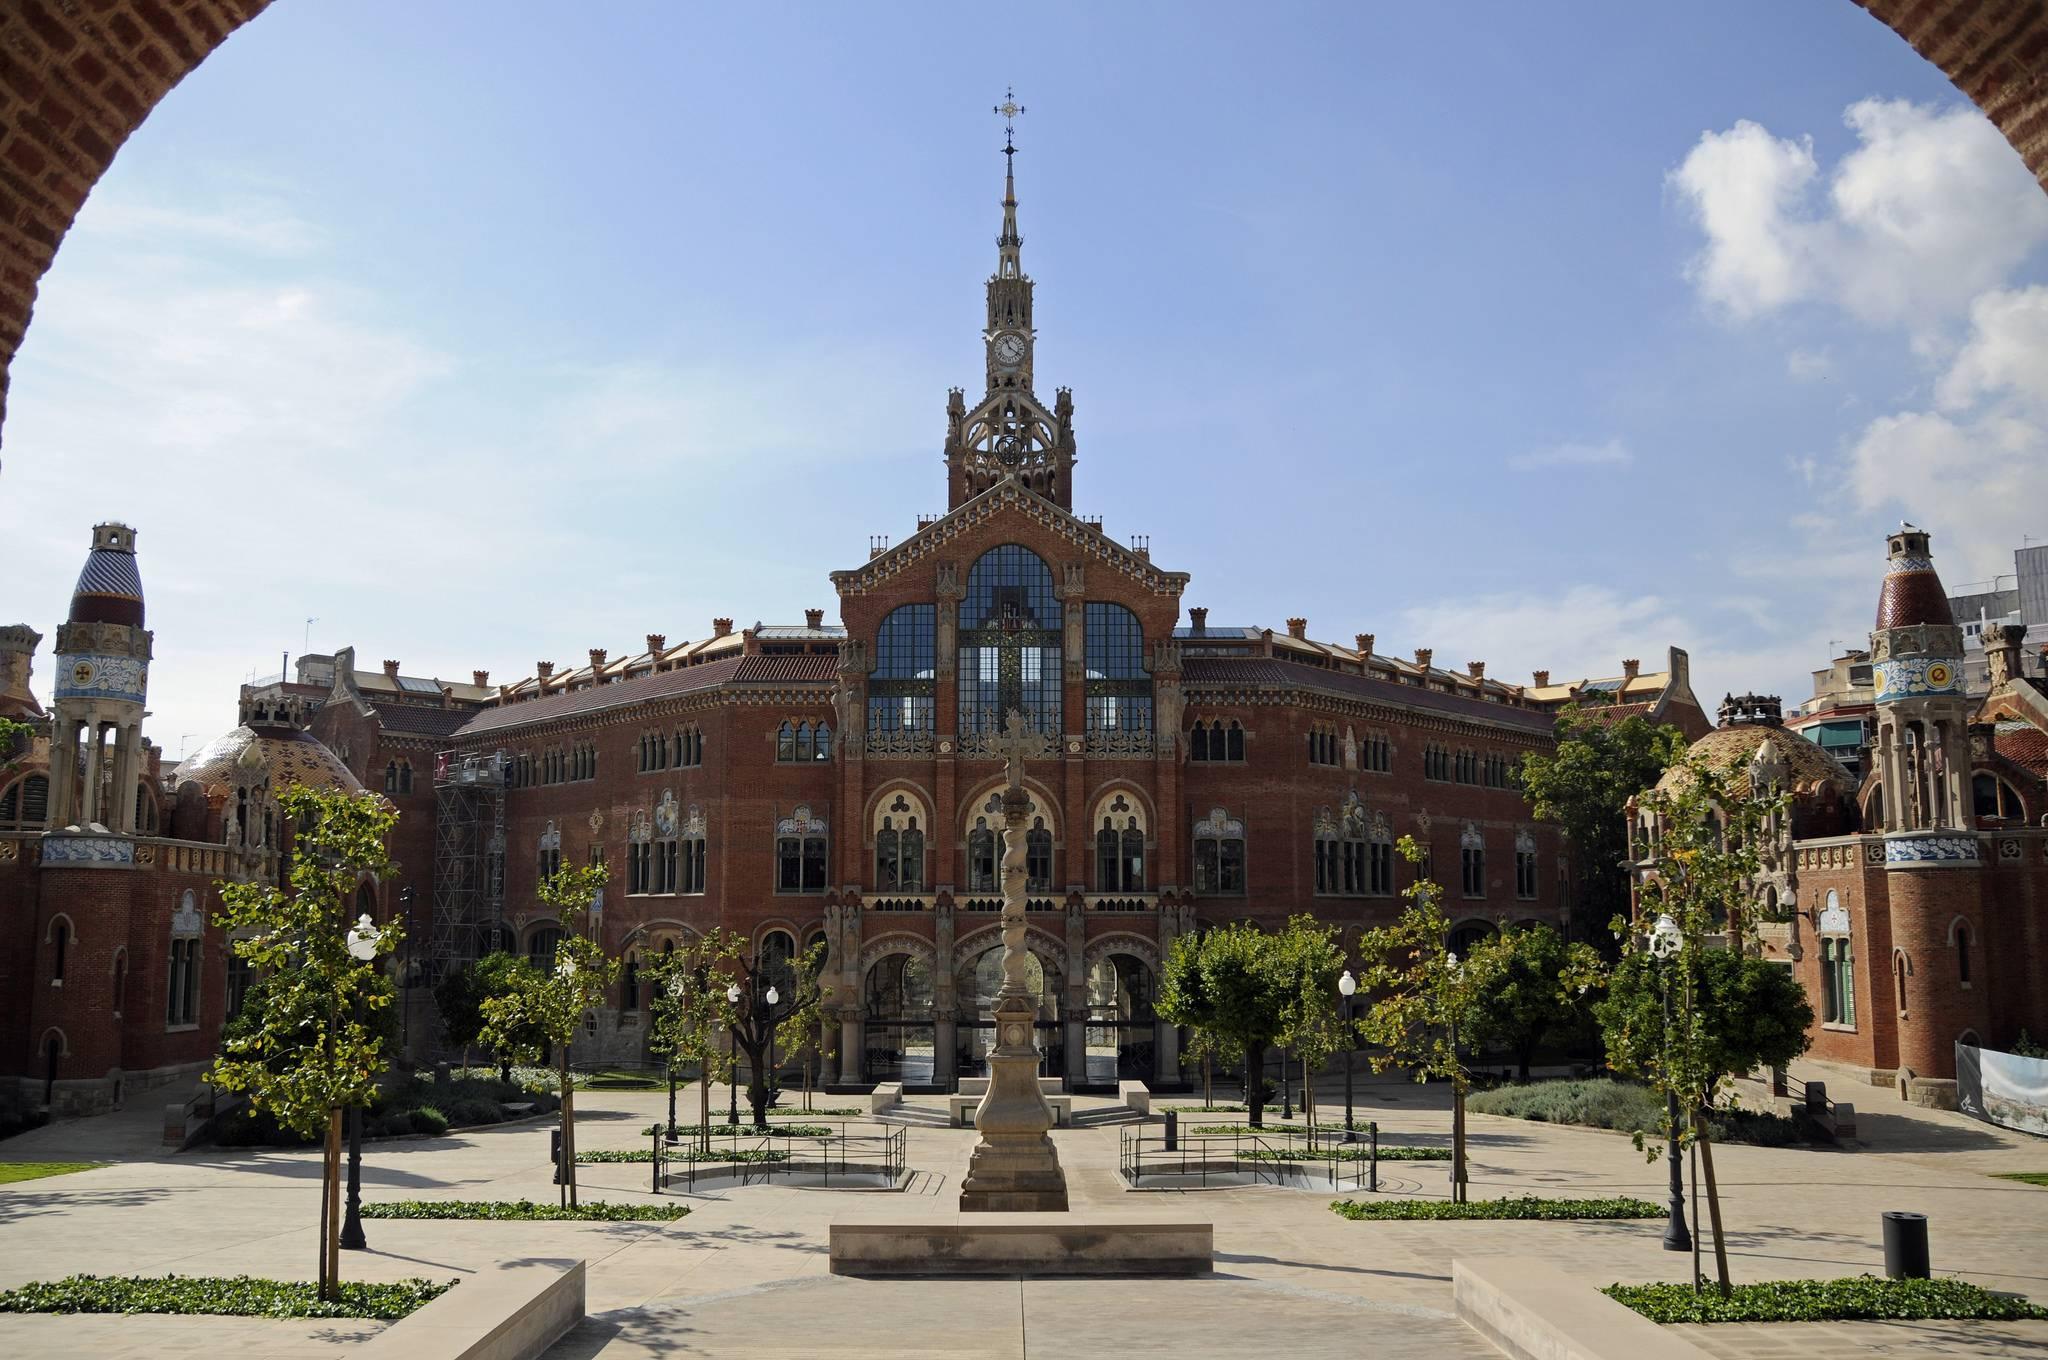 Госпиталь сан-пау – уникальный архитектурный комплекс